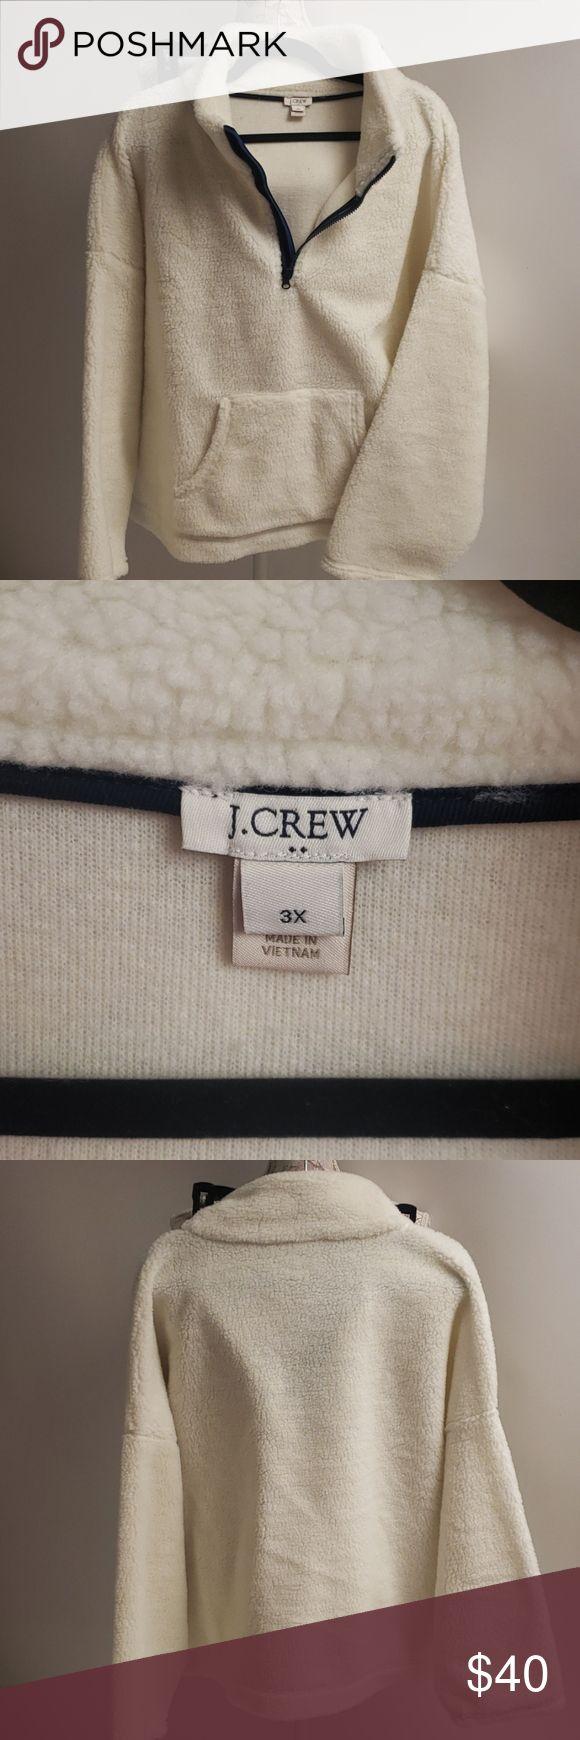 Jcrew plus Sherpa pullover sz 3x in 2020 | Sherpa pullover ...